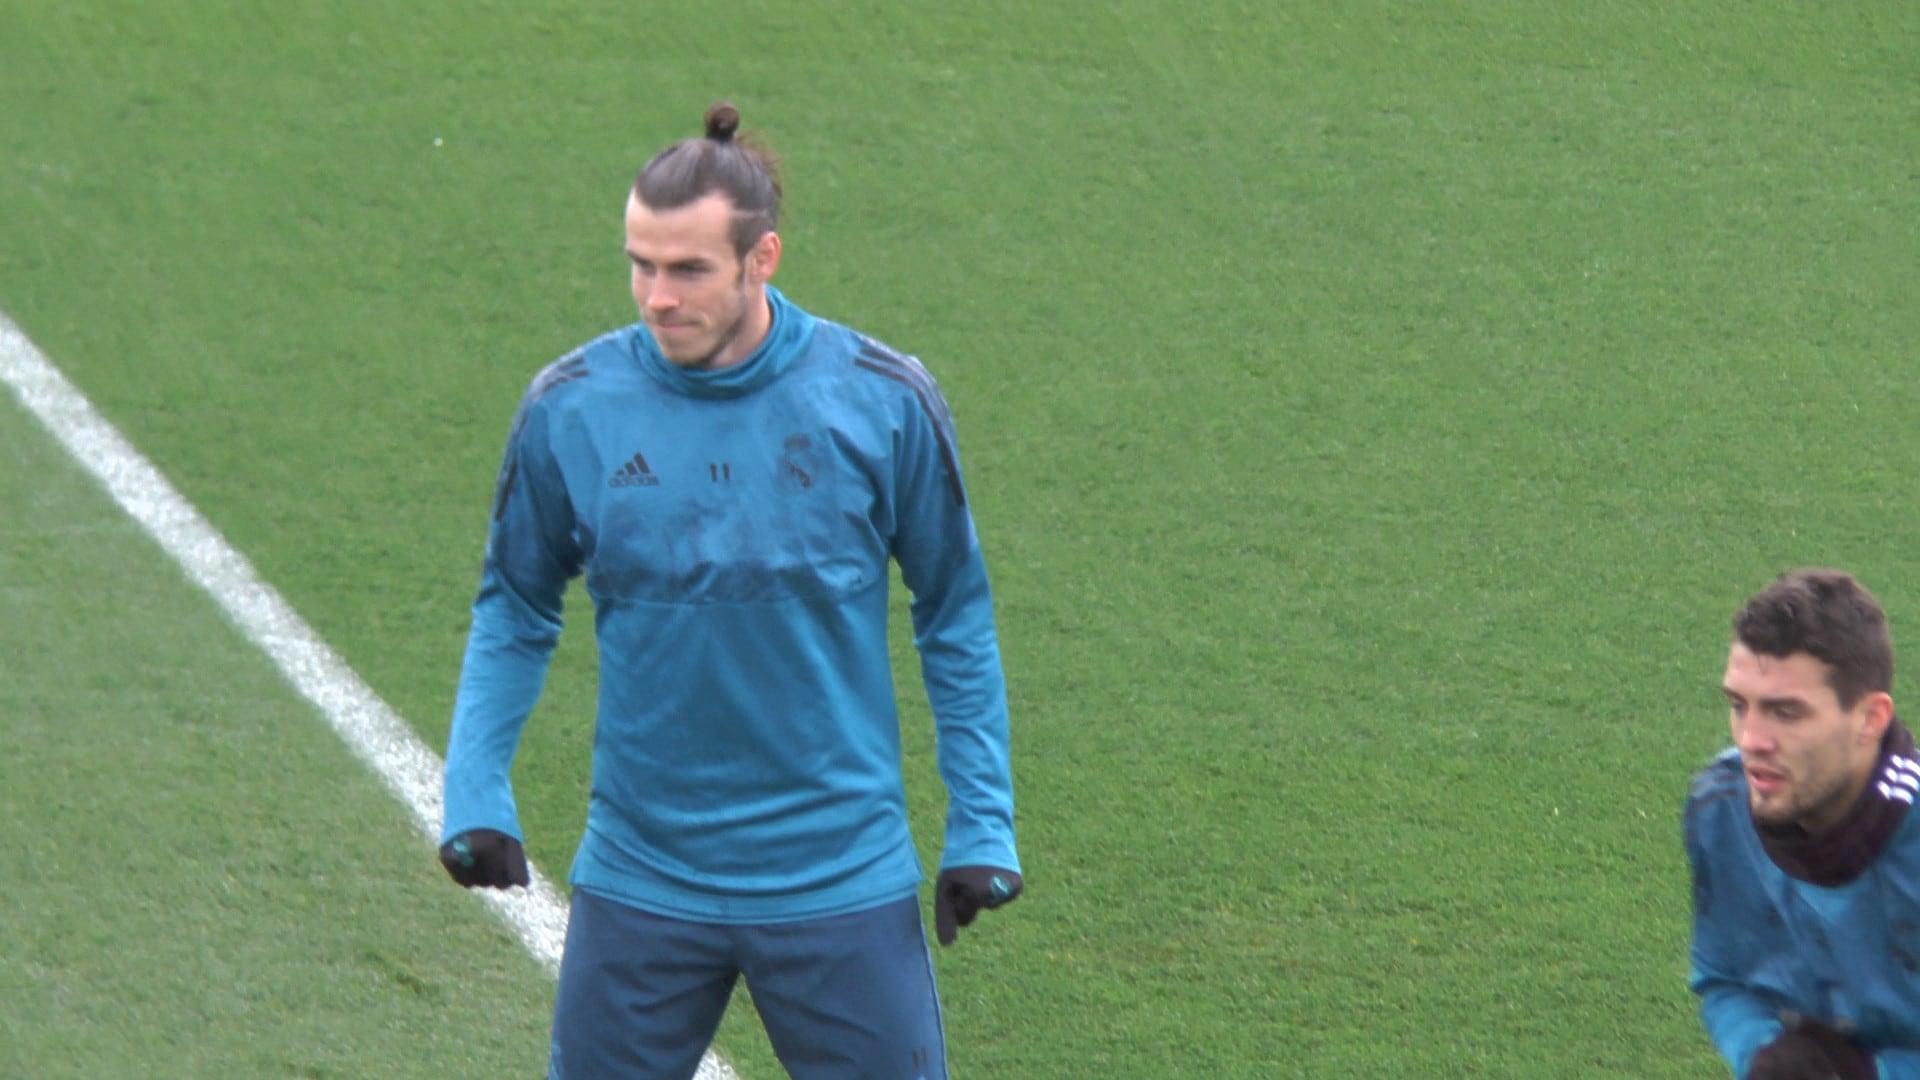 Mercato: Tottenham incerto, Bale verso un ritorno a Madrid?